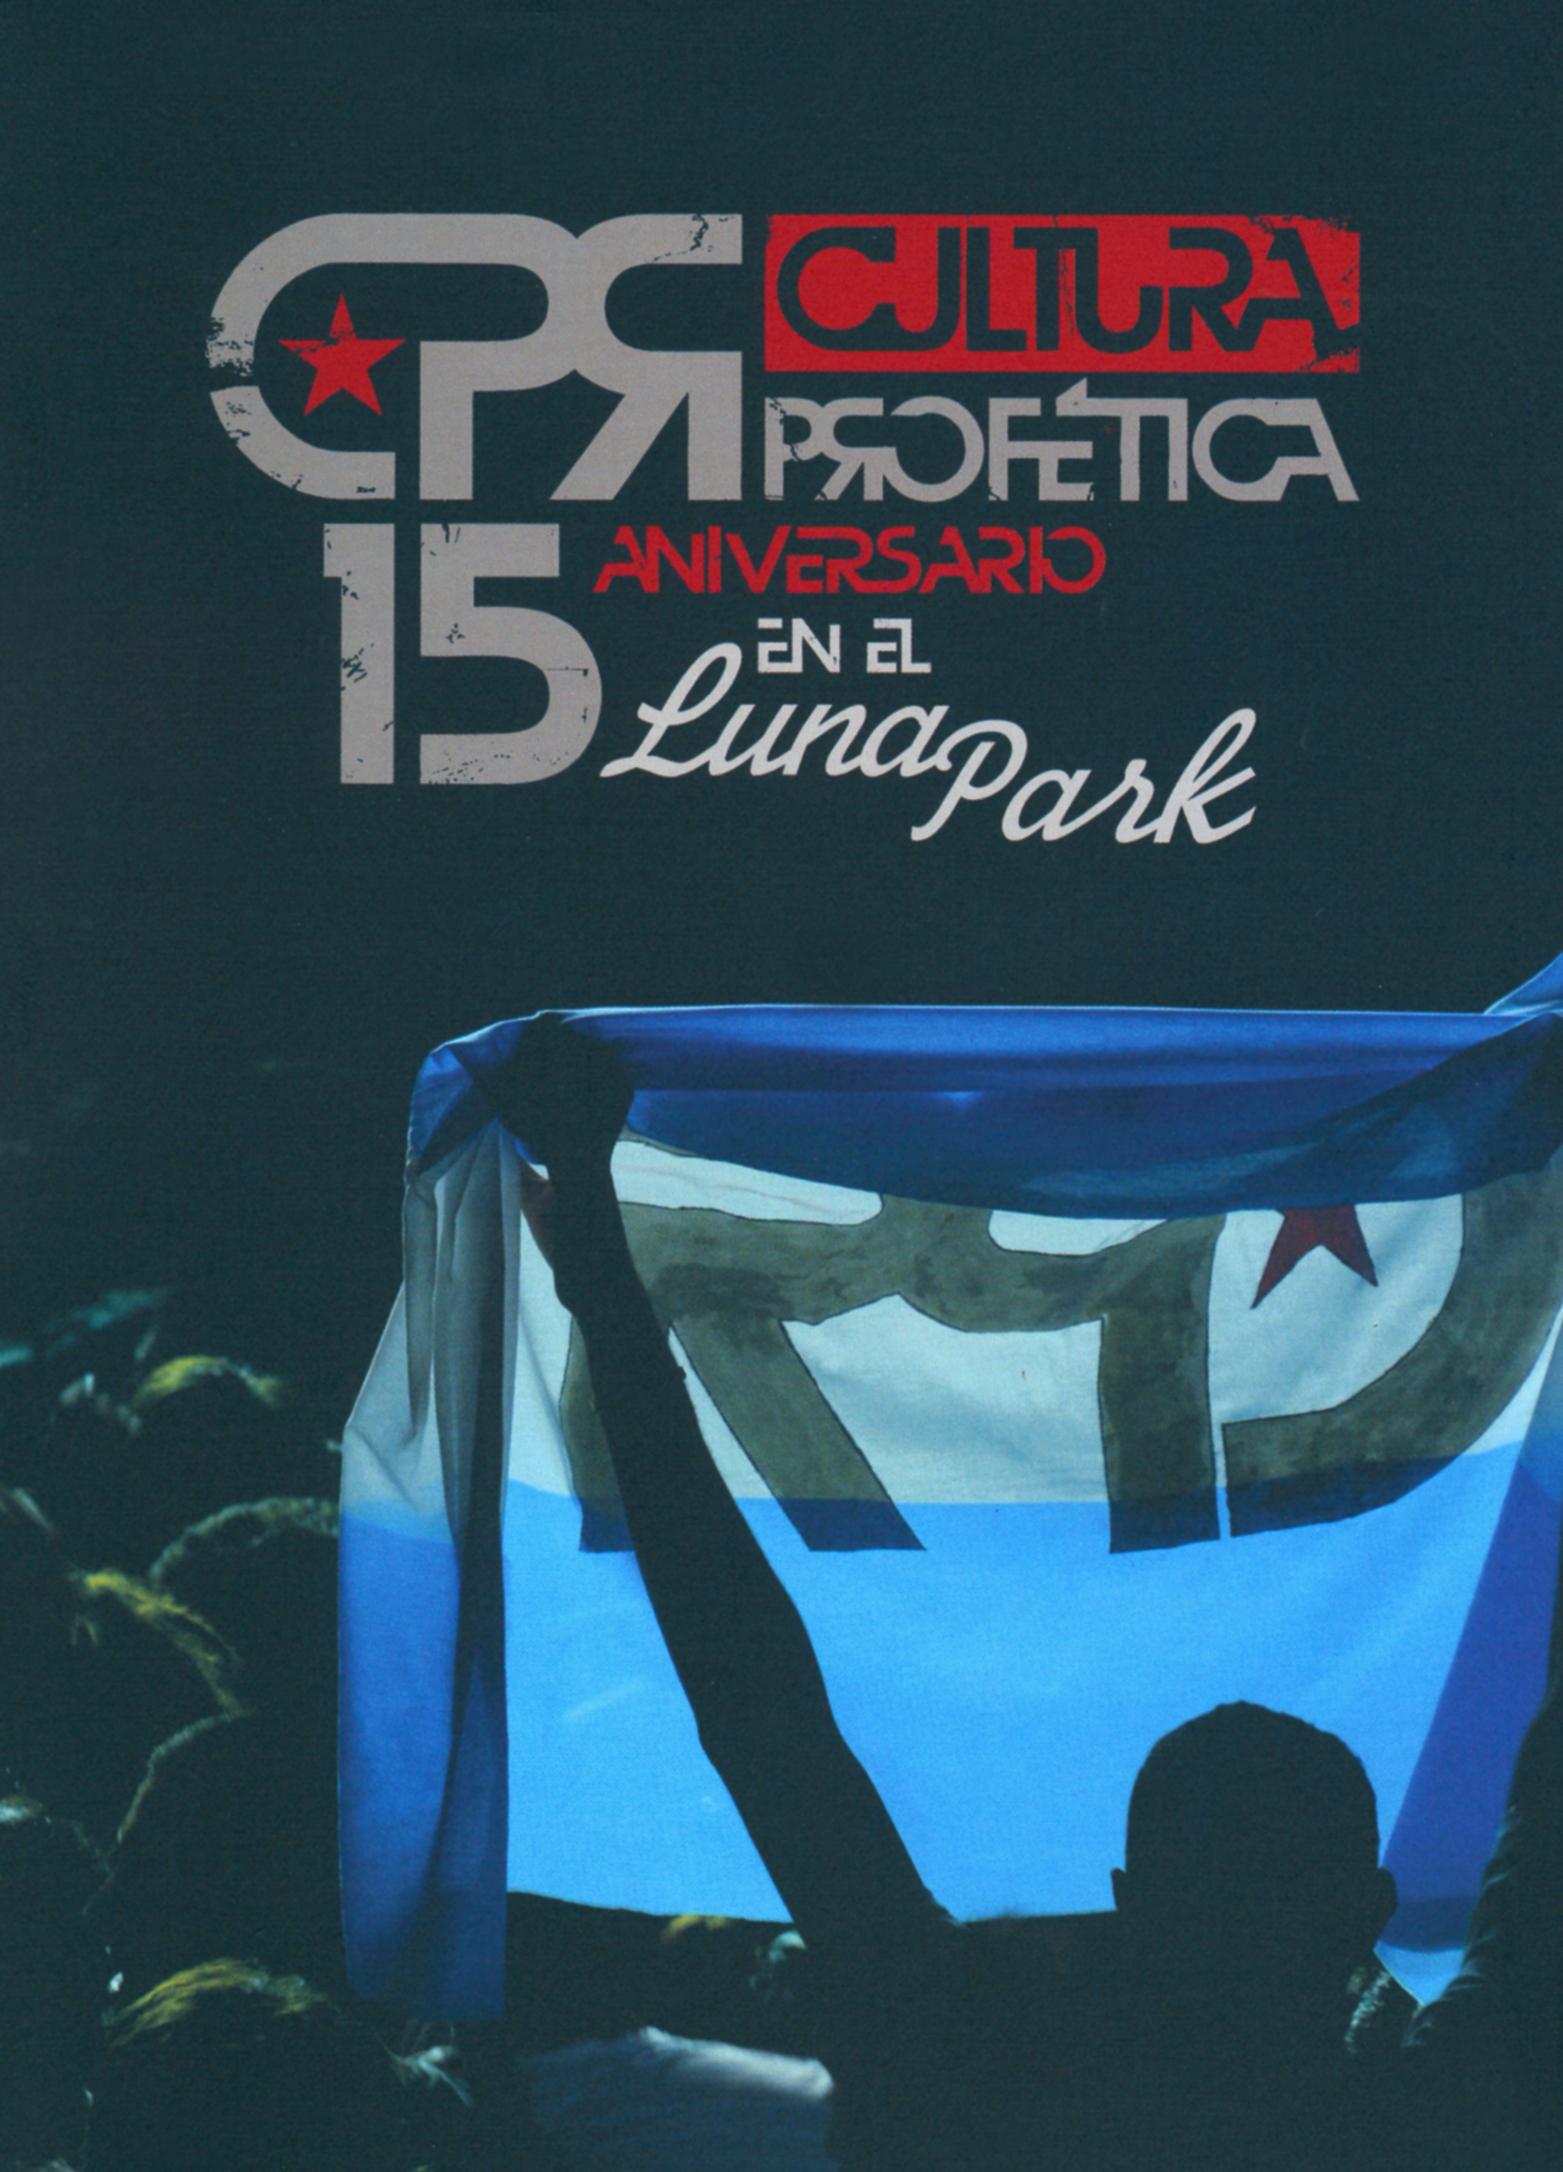 Cultura Profetica: 15 Aniversario en el Luna Park